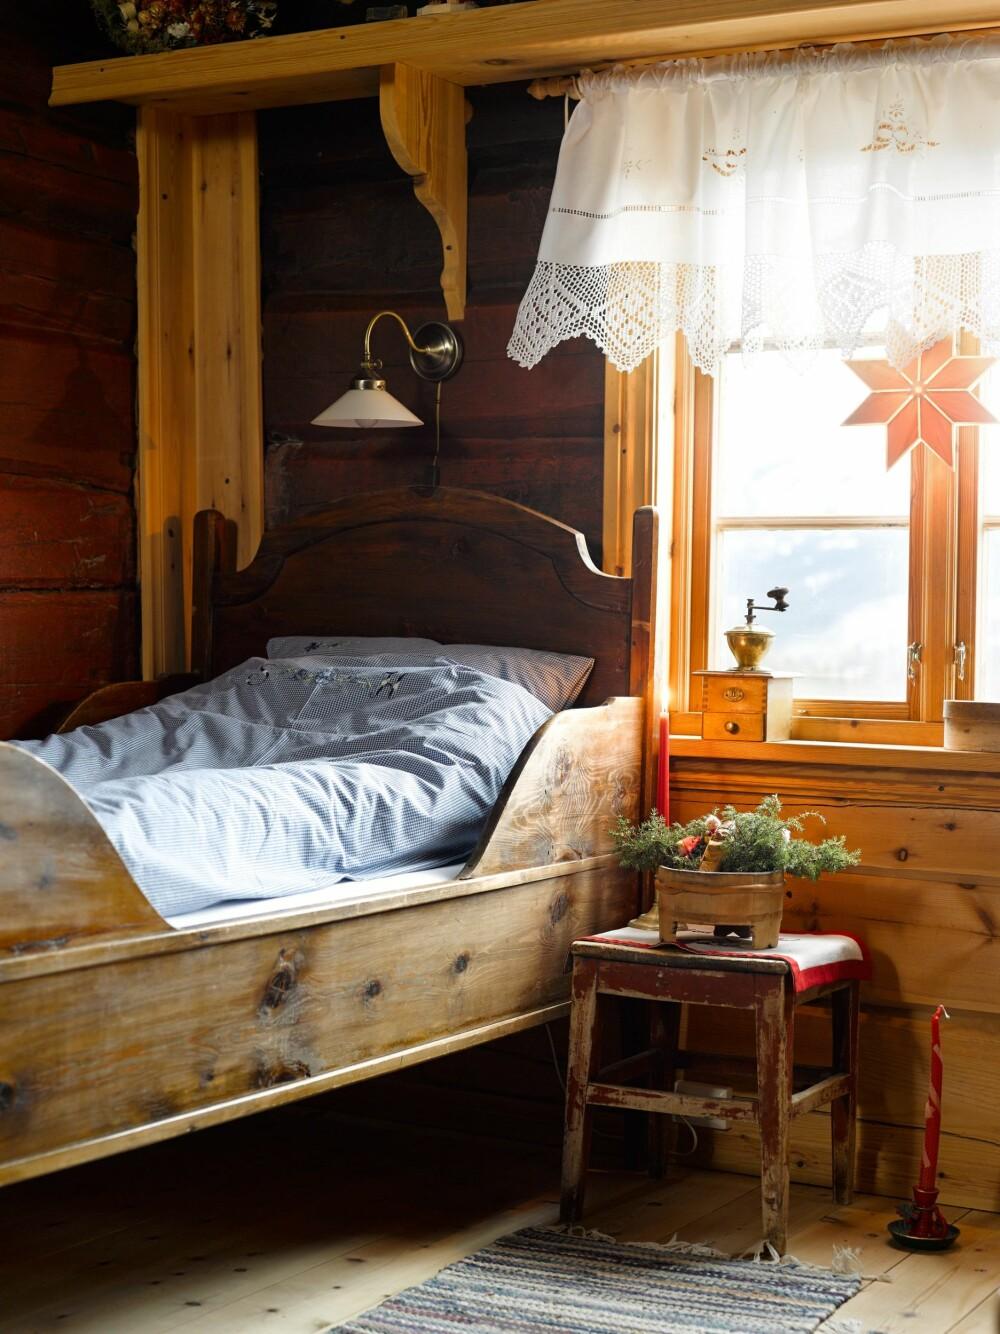 KOSELIG: Gamle møbler gir hygge og nostalgi på soverommet.